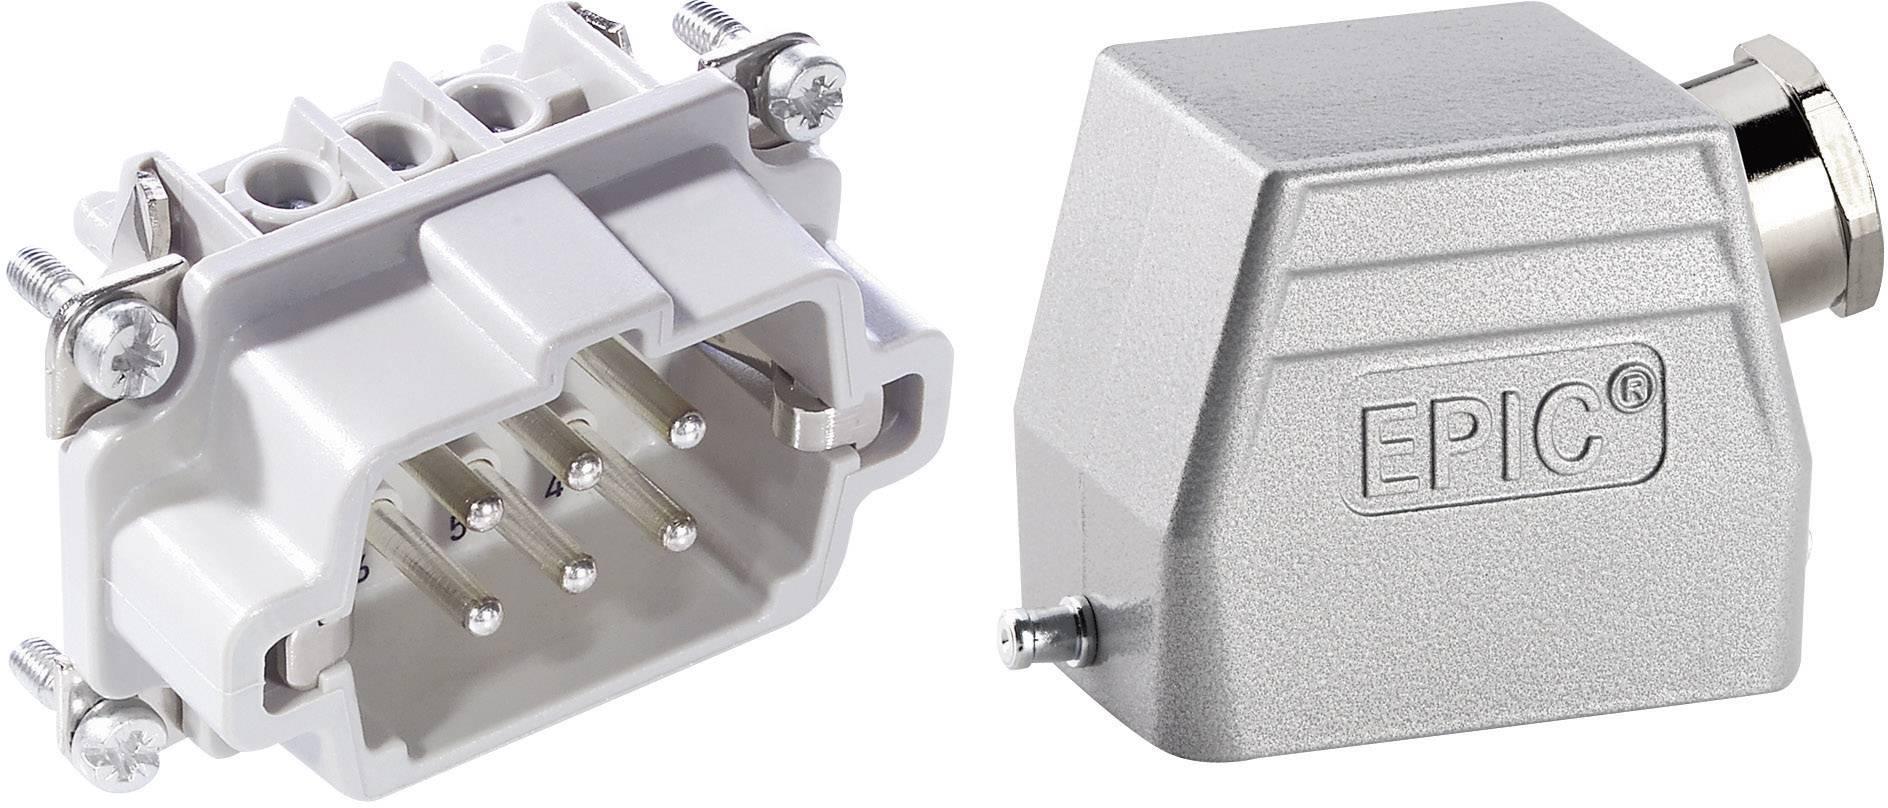 Sada konektorů EPIC®KIT H-BE 6 75009636 LappKabel 6 + PE šroubovací 1 sada